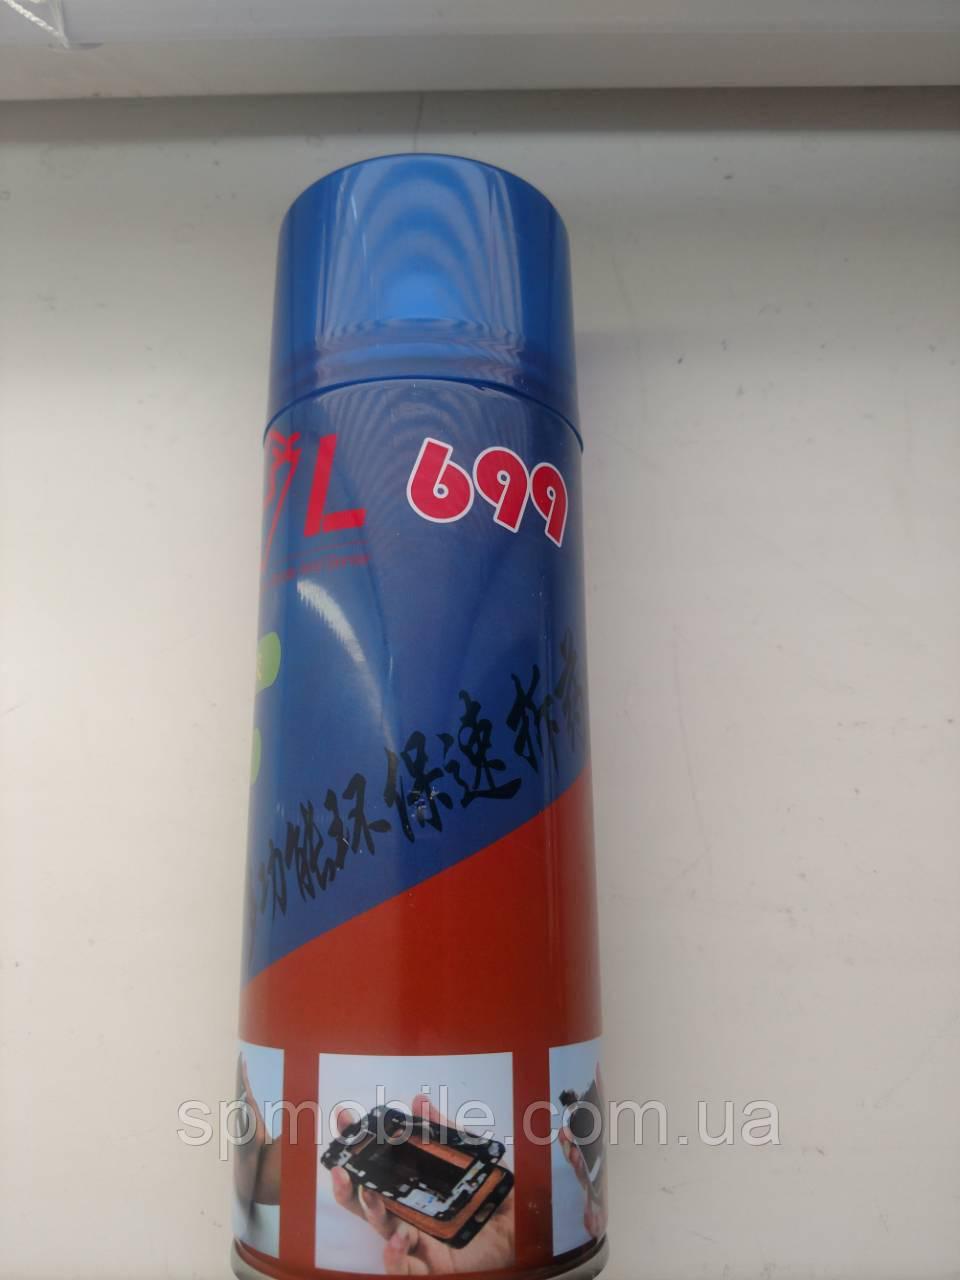 Спрей для поділу дисплея від рамки, CSL 699,400 ml